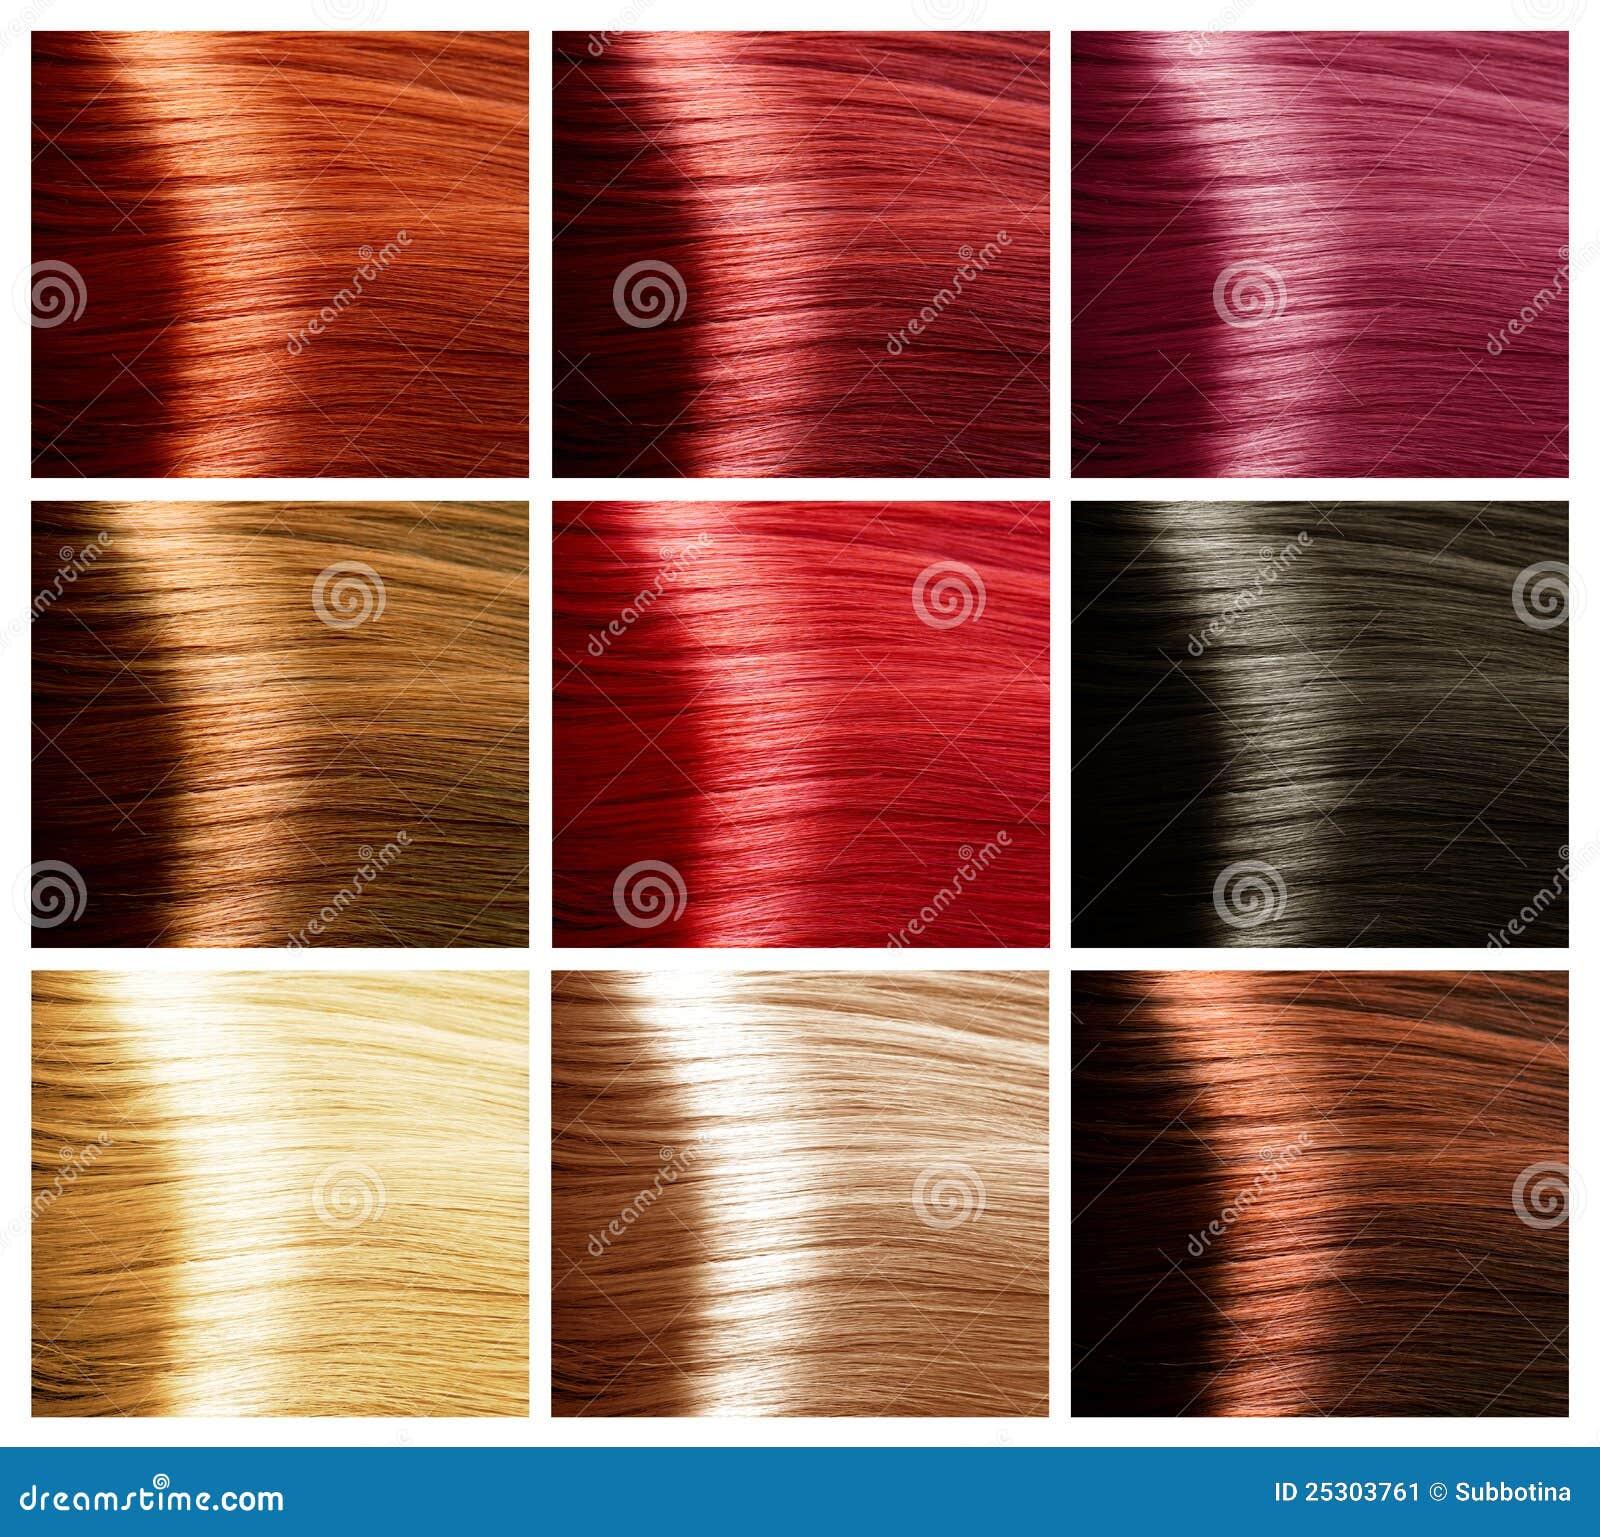 Geplaatste De Kleuren Van Het Haar. Tinten Stock